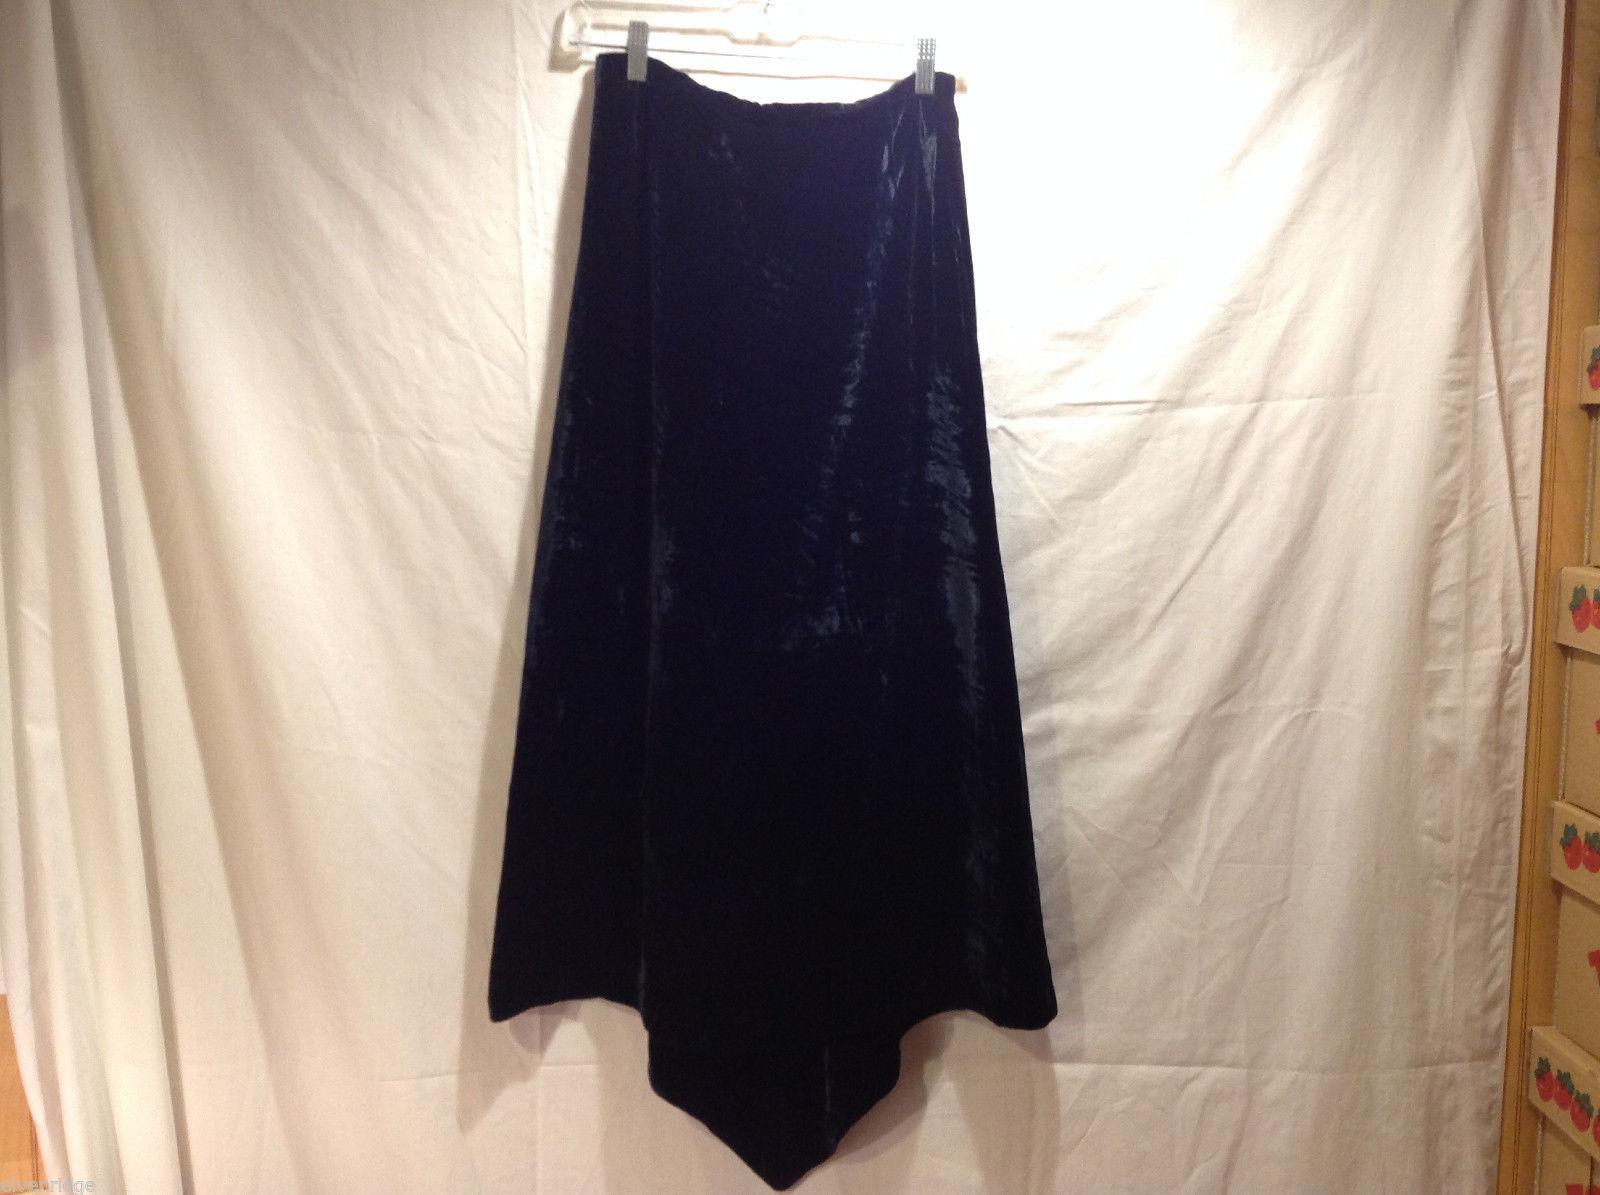 Louise Kennedy Silk Velvety Dressy Black Long Skirt, Size US 8, made in Ireland